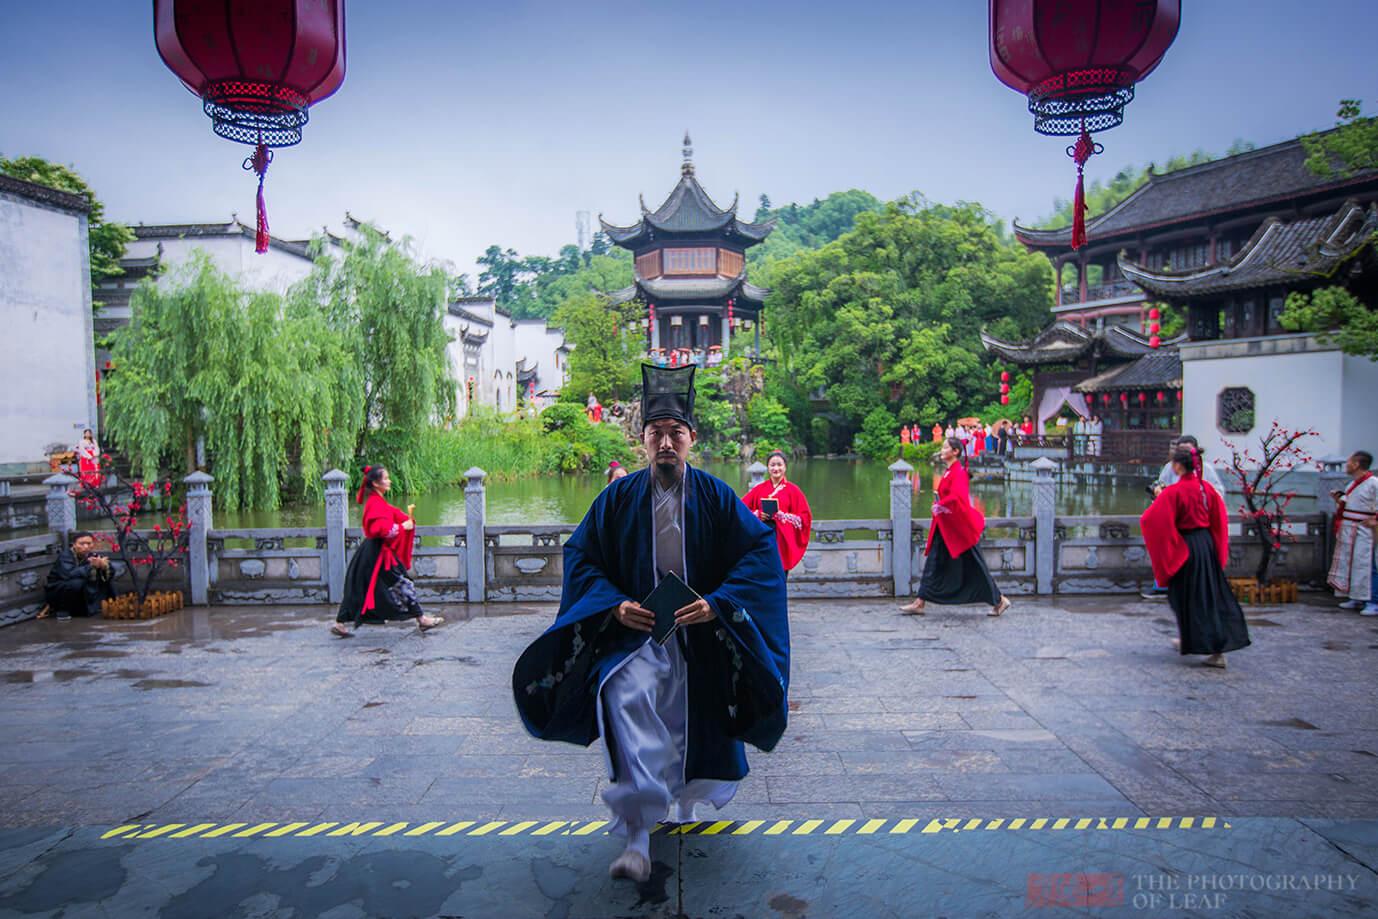 中国最有个性的景区,不穿汉服不让进,游客却抢着进,详细介绍